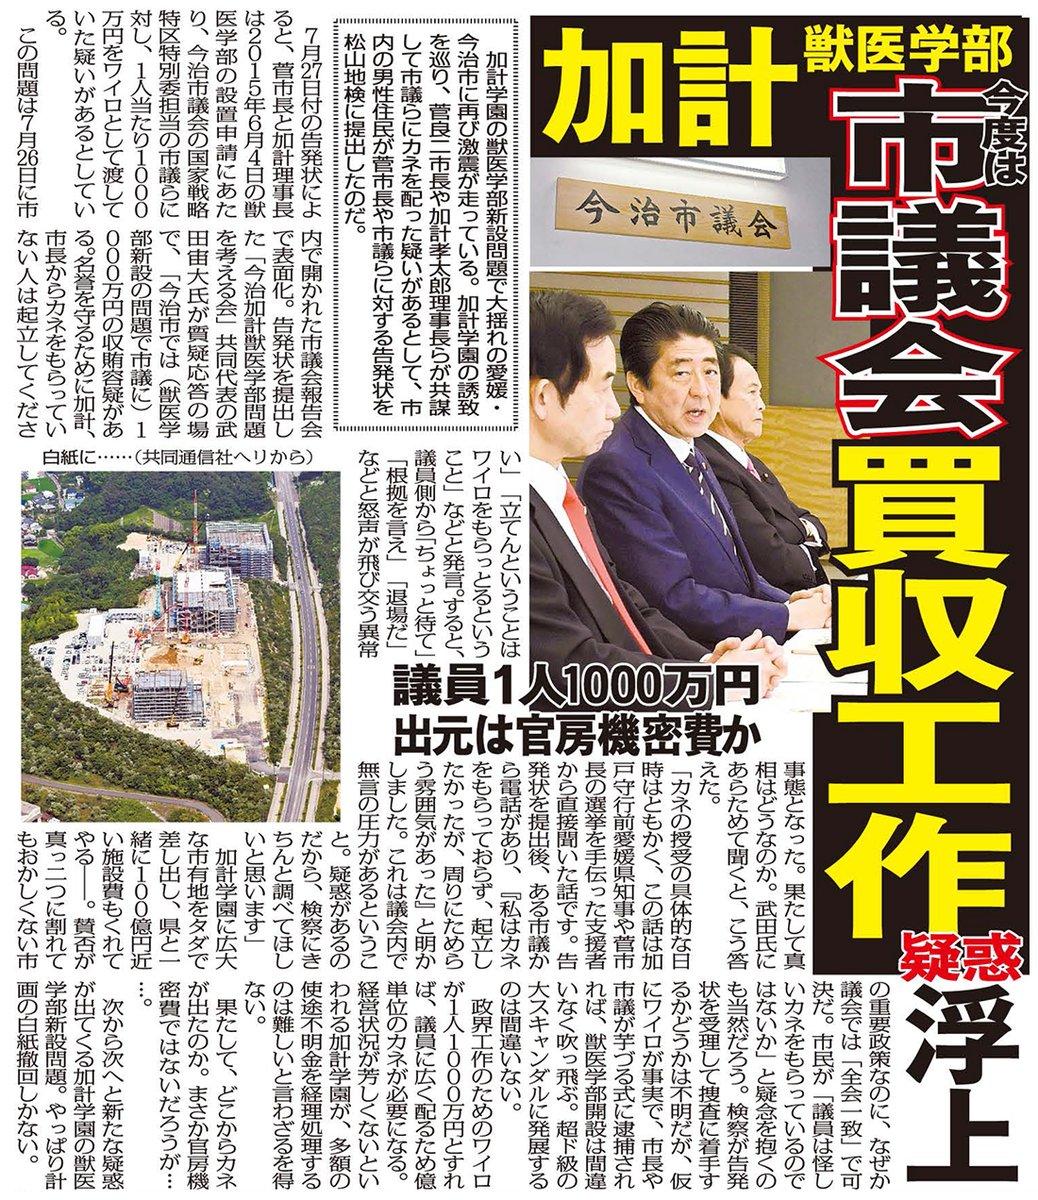 加計学園獣医学部【今度は「市議会買収工作疑惑